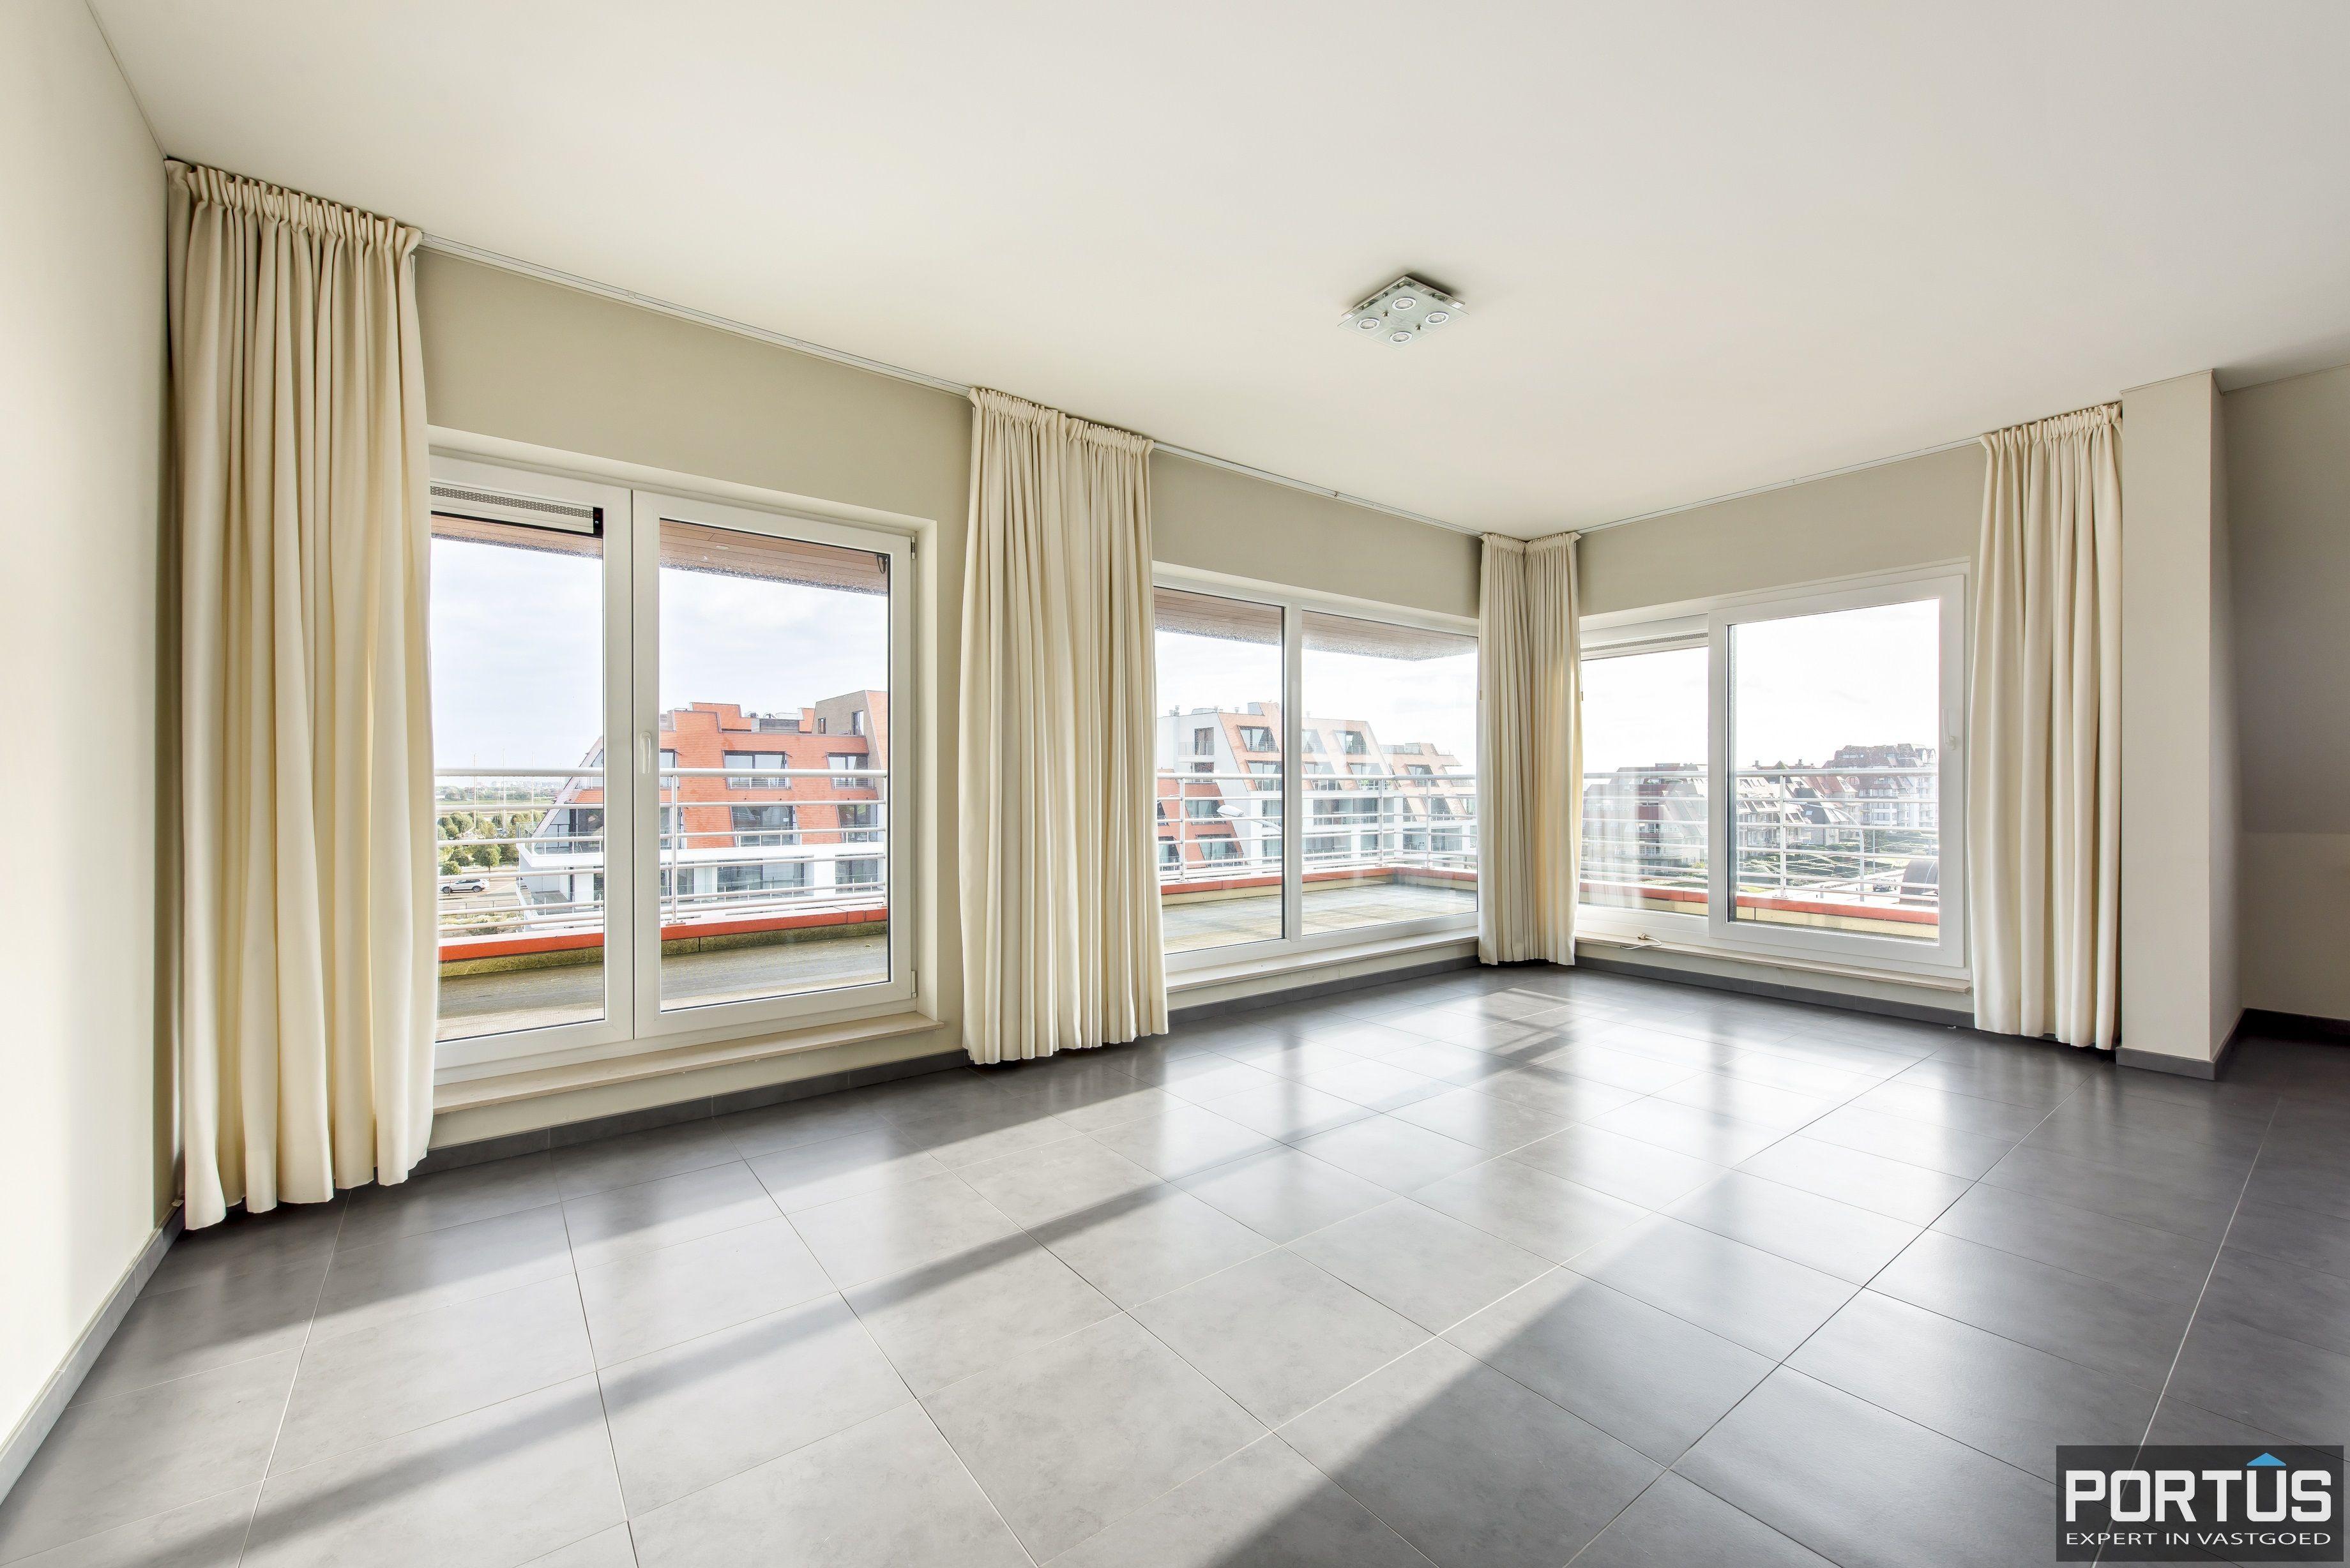 Instapklaar zongericht appartement met 2 slaapkamers te koop in Nieuwpoort - 10018